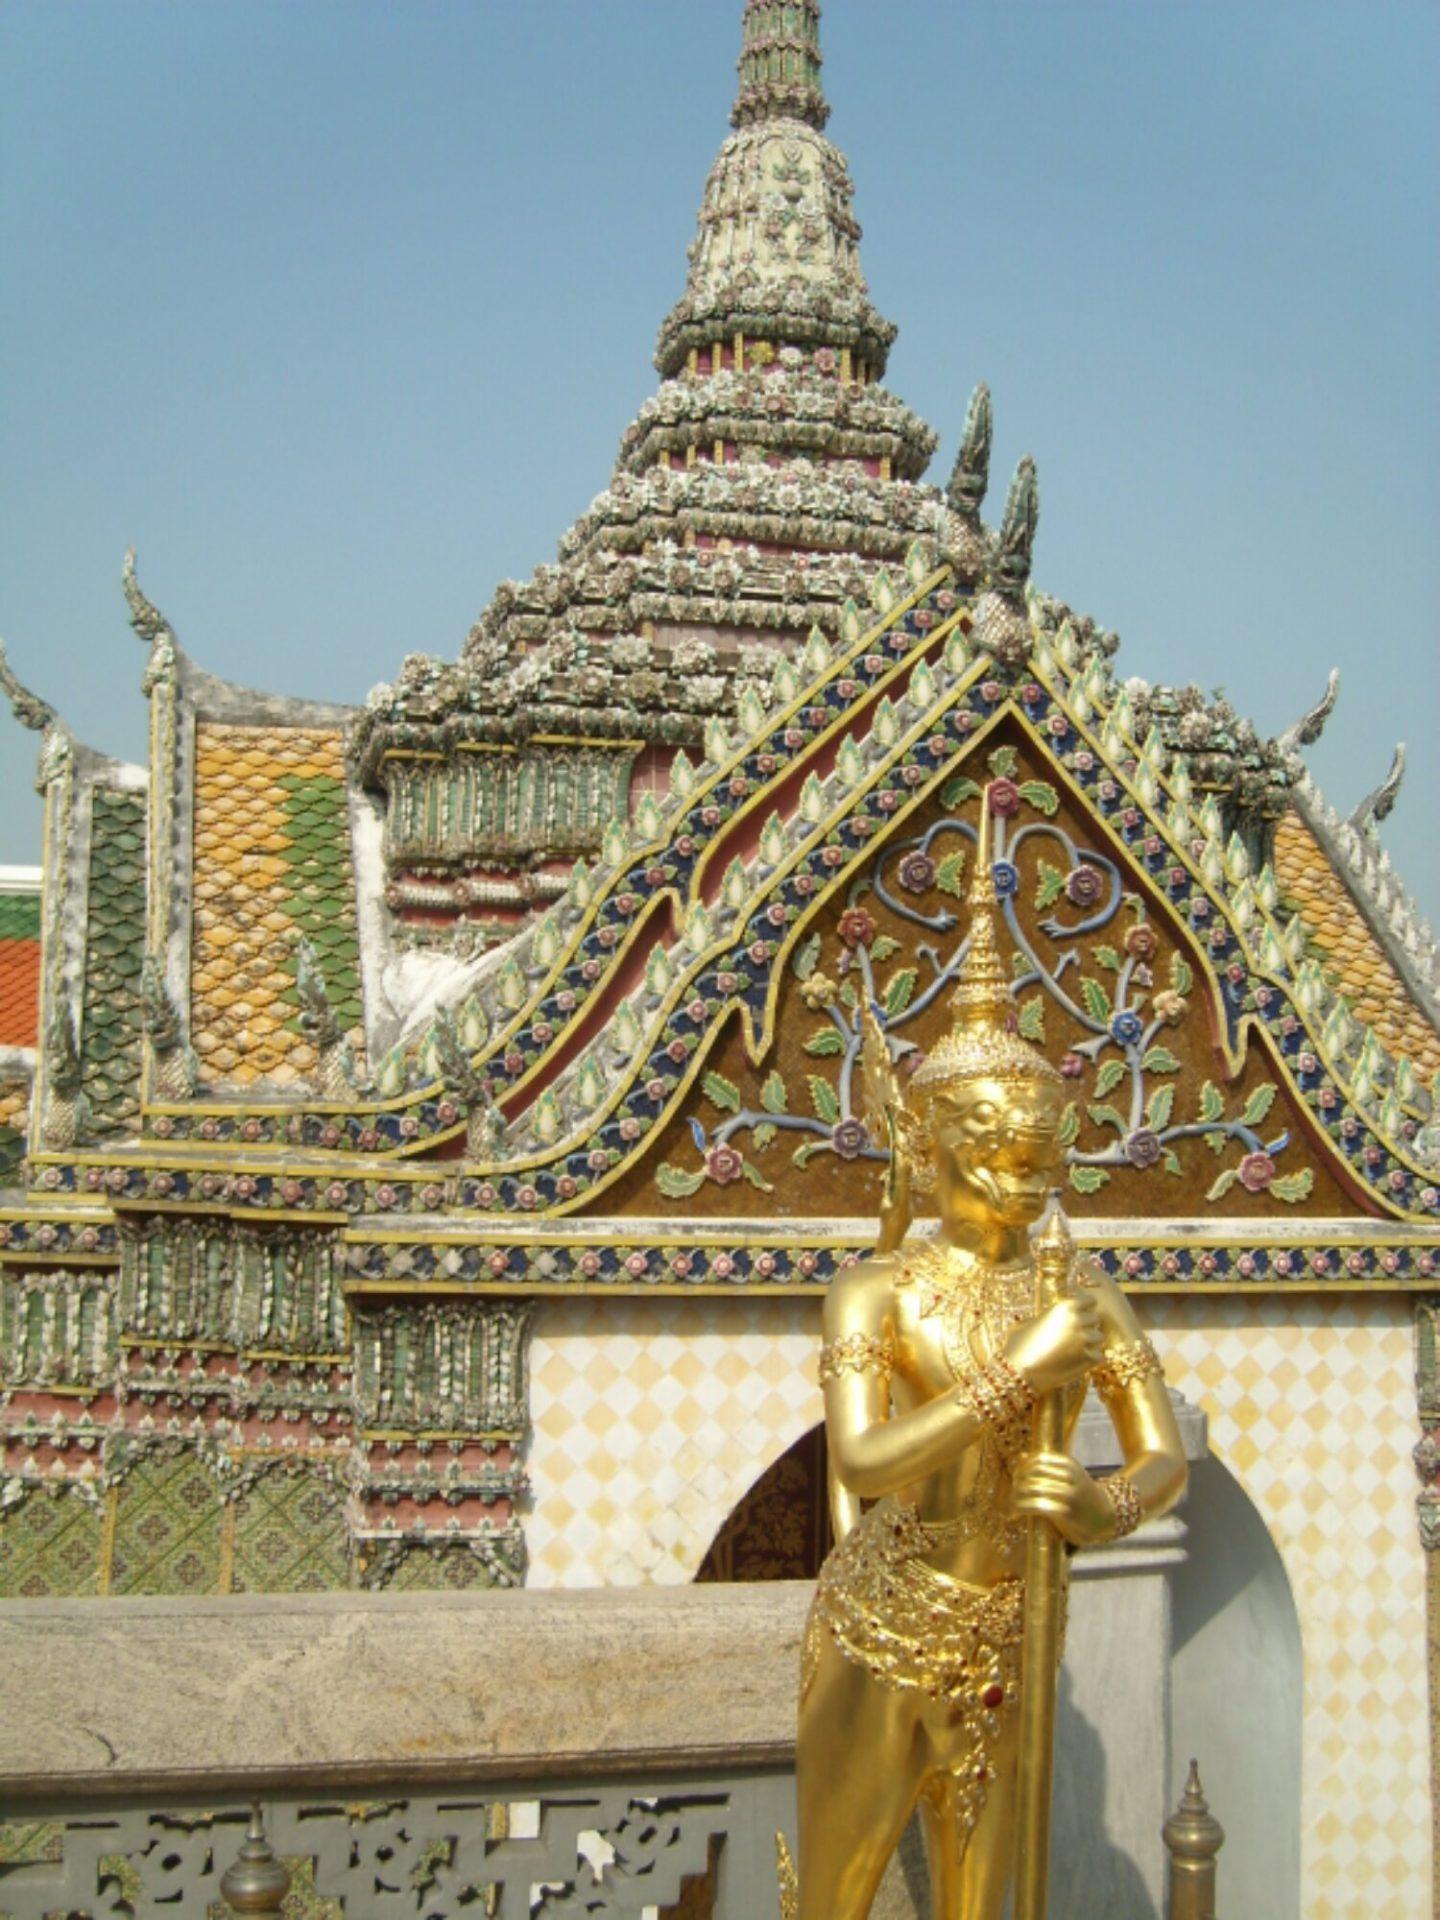 Photos from Grand Palace, Golden Buddha & Misc Bangkok